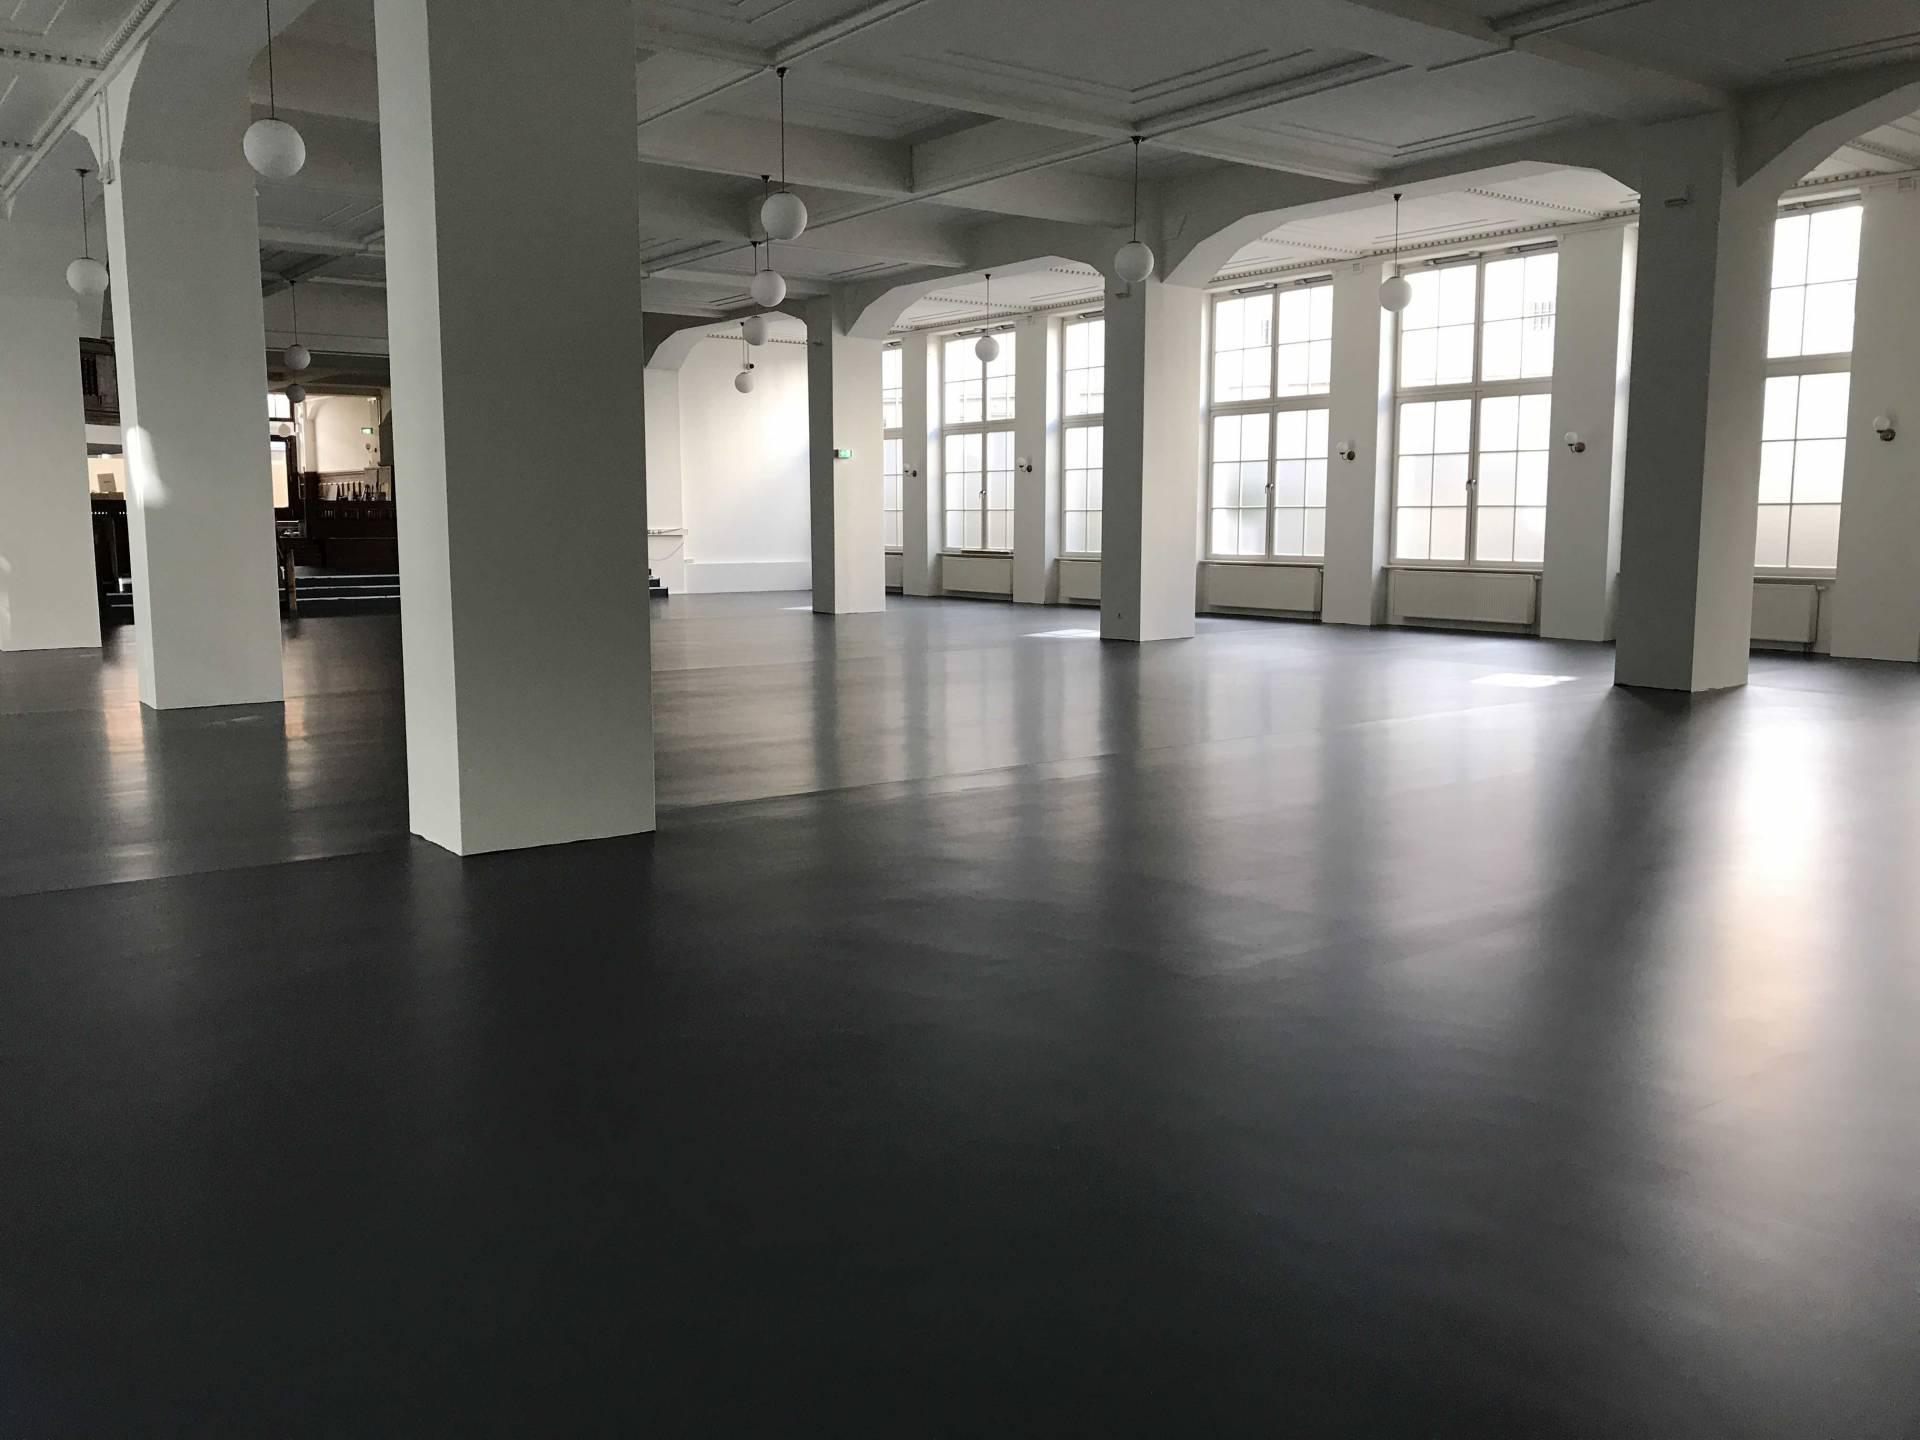 Umbau Kupfersaal August 2017 (Umbau zum Kupfersaal)